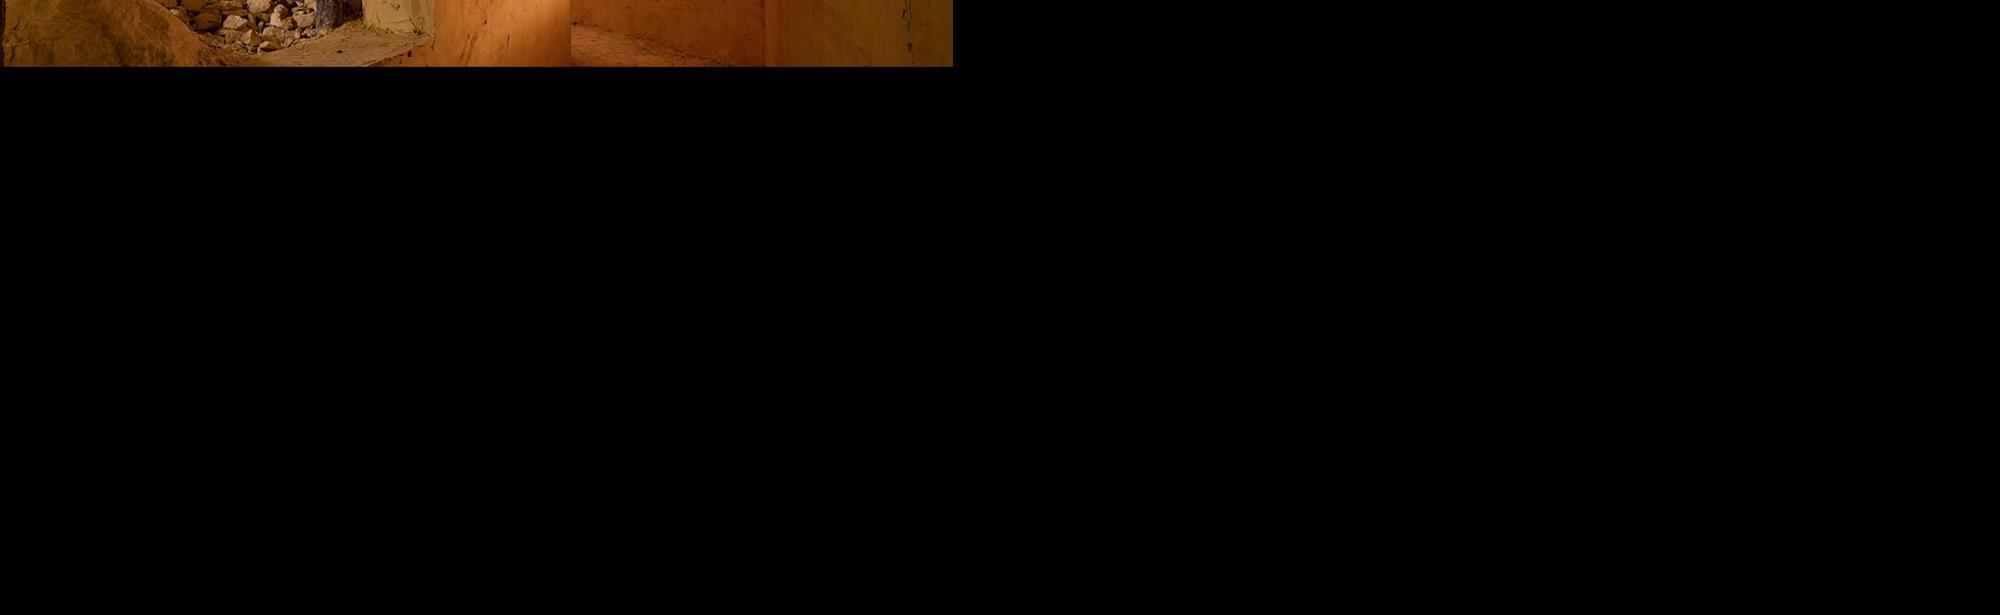 Prehistorische Vuursteenmijn Rijckholt